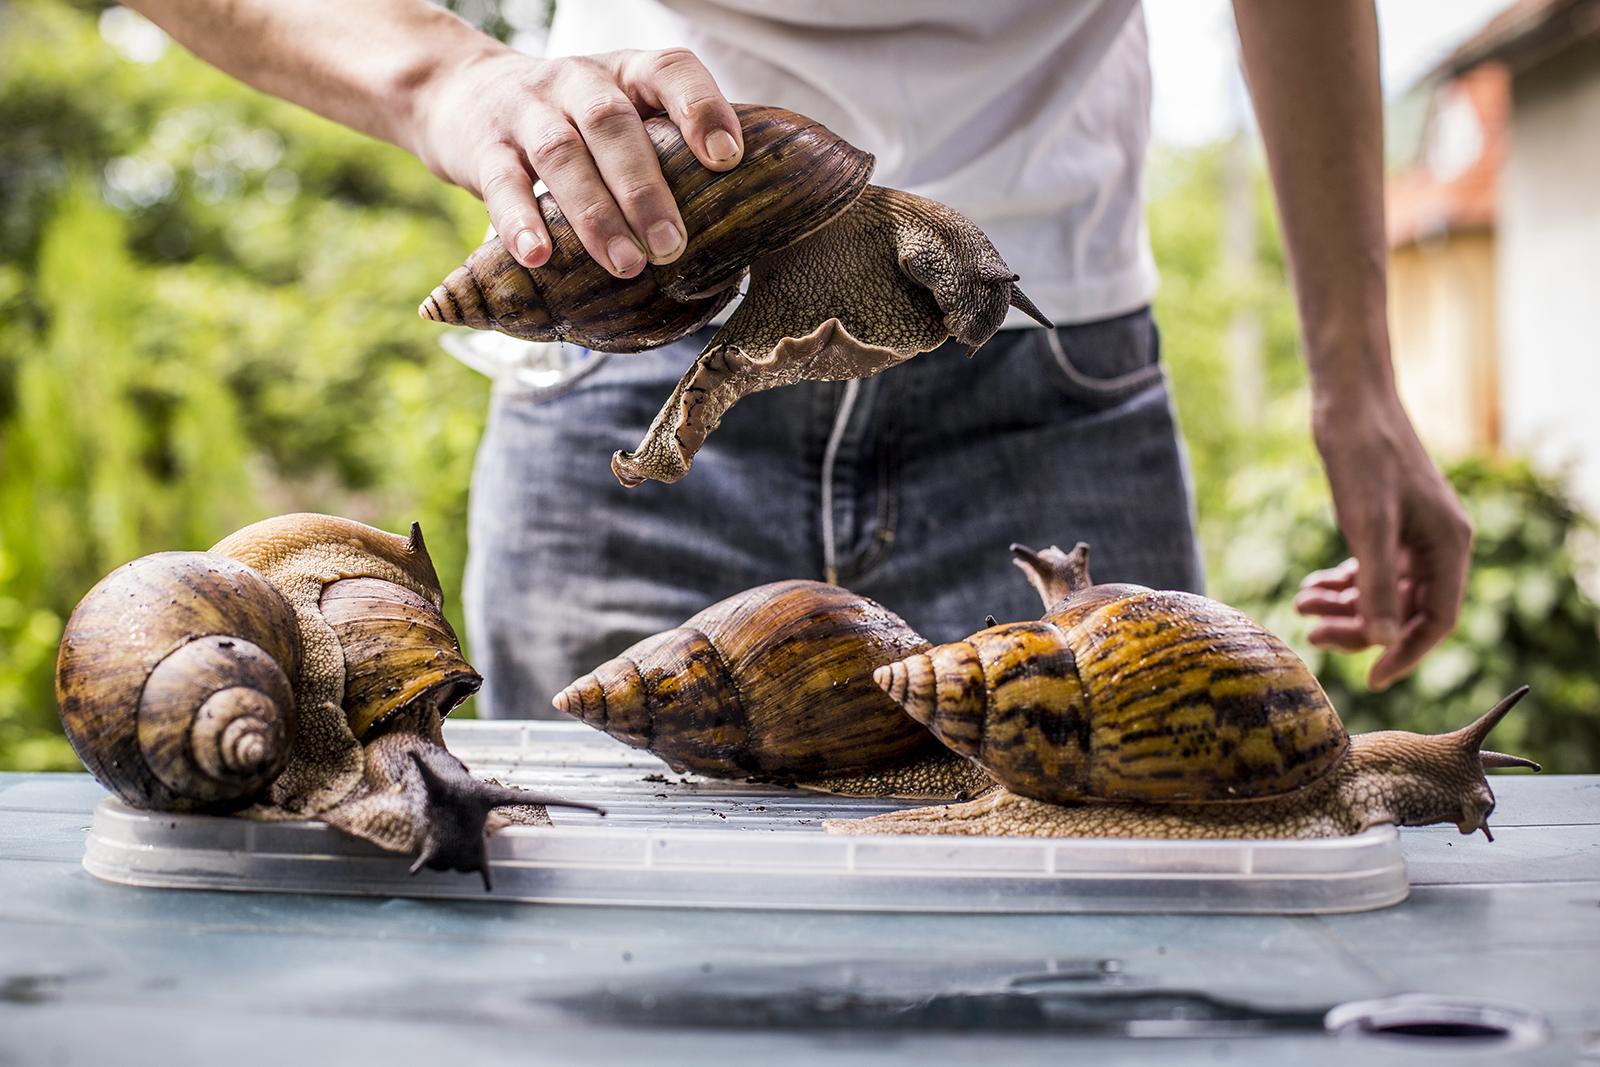 Mi hasznos az emberi bőr számára az elhullott csigák számára?